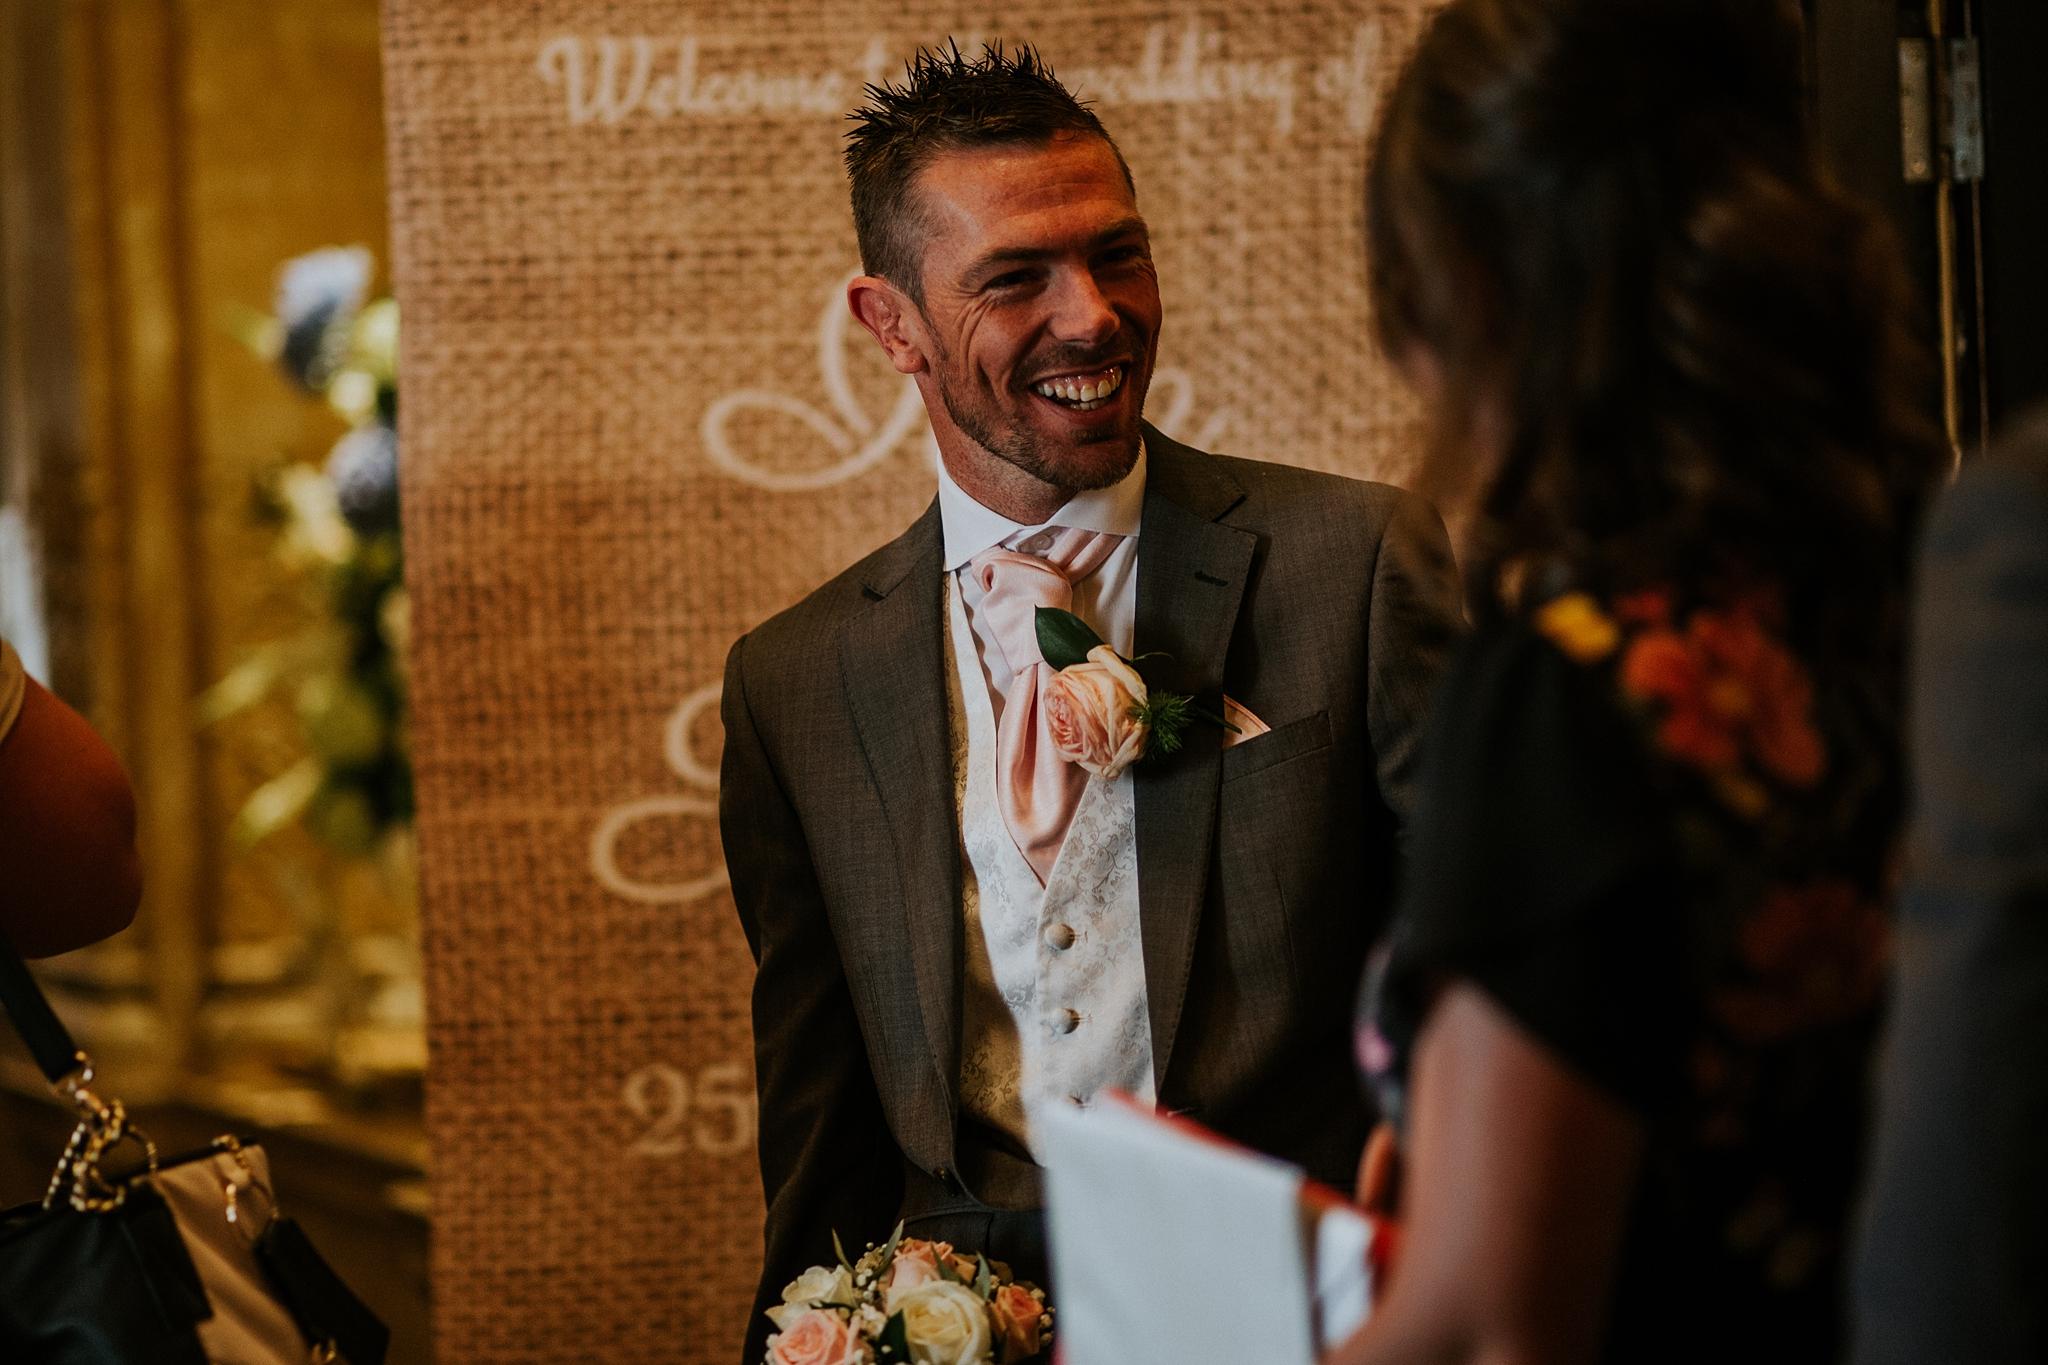 newcastle_upon_tyne_wedding_photographer-40.JPG